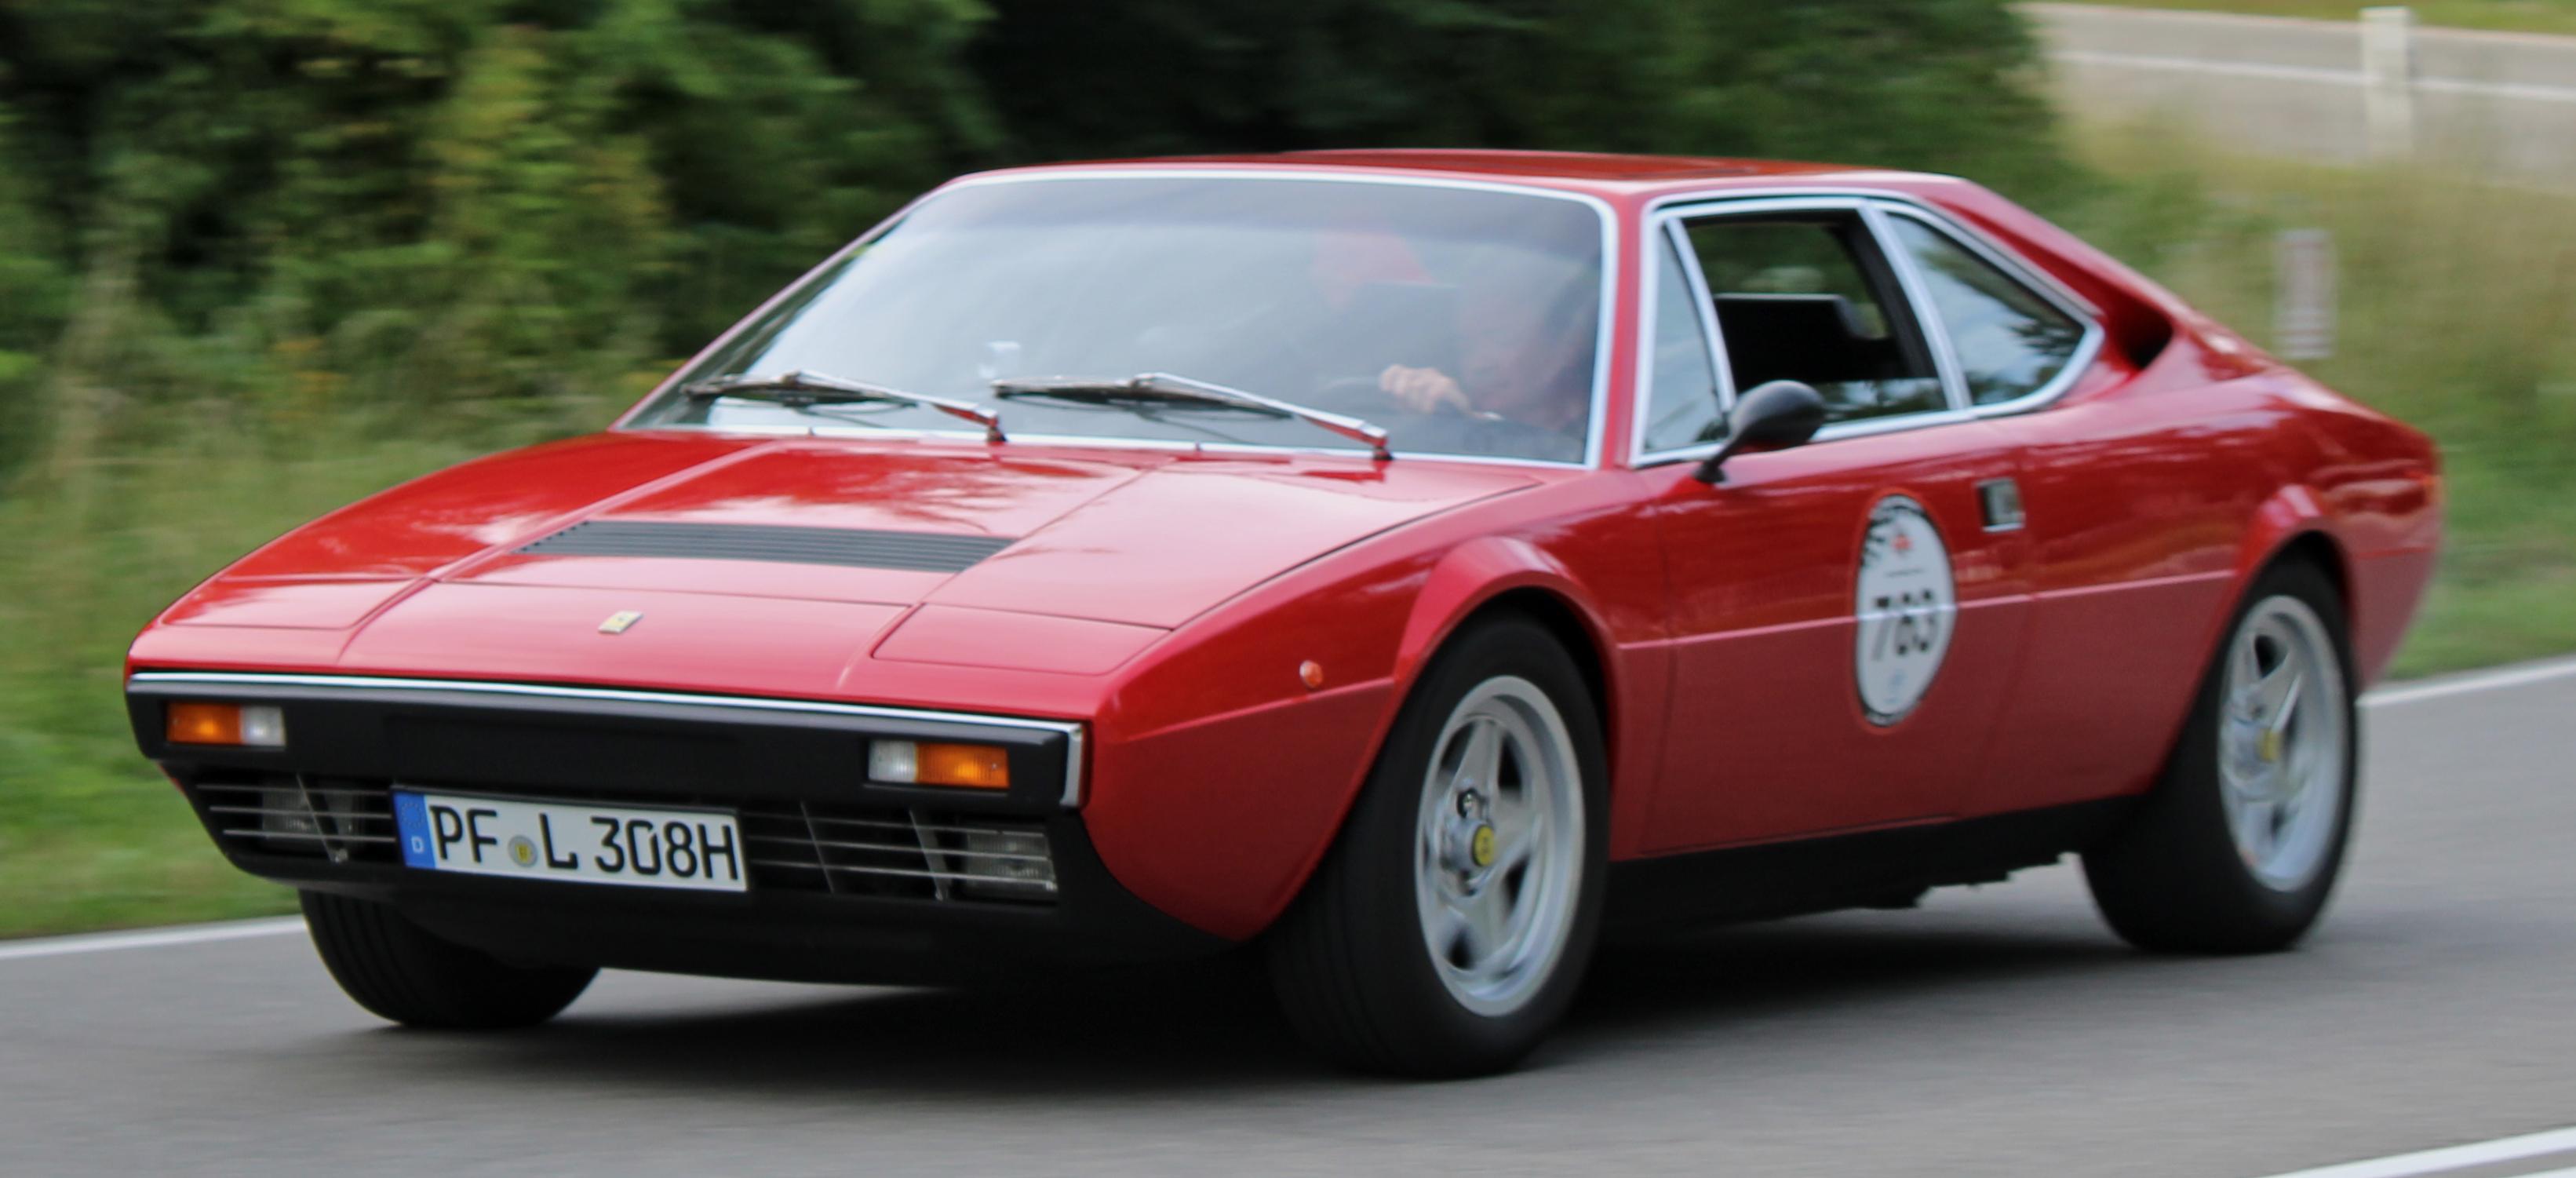 Ferrari Dino 308 GT 4 \u2013 Wikipedia